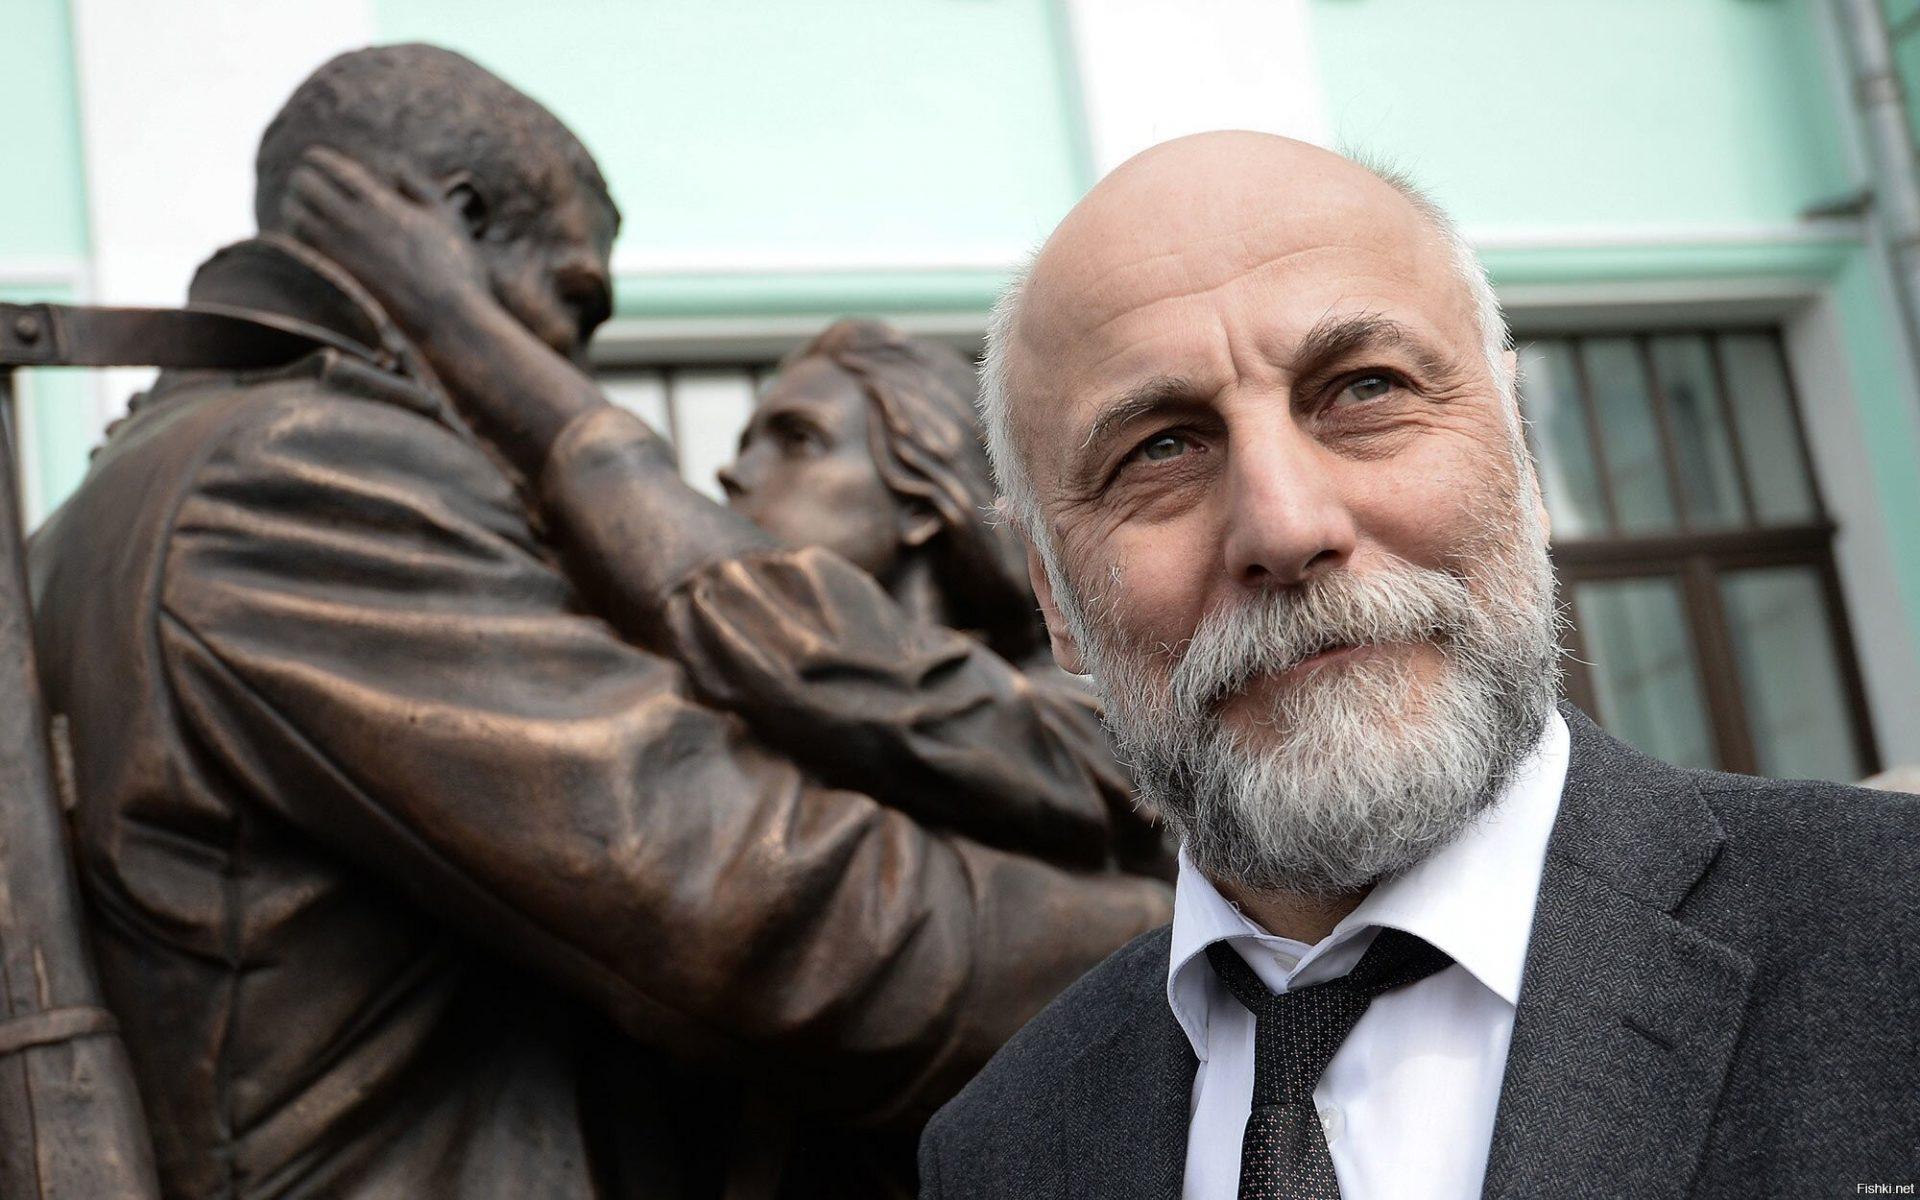 Константин Донгузов: скульптура генерала Шаймуратова станет смысловым центром реконструированной Советской площади в Уфе